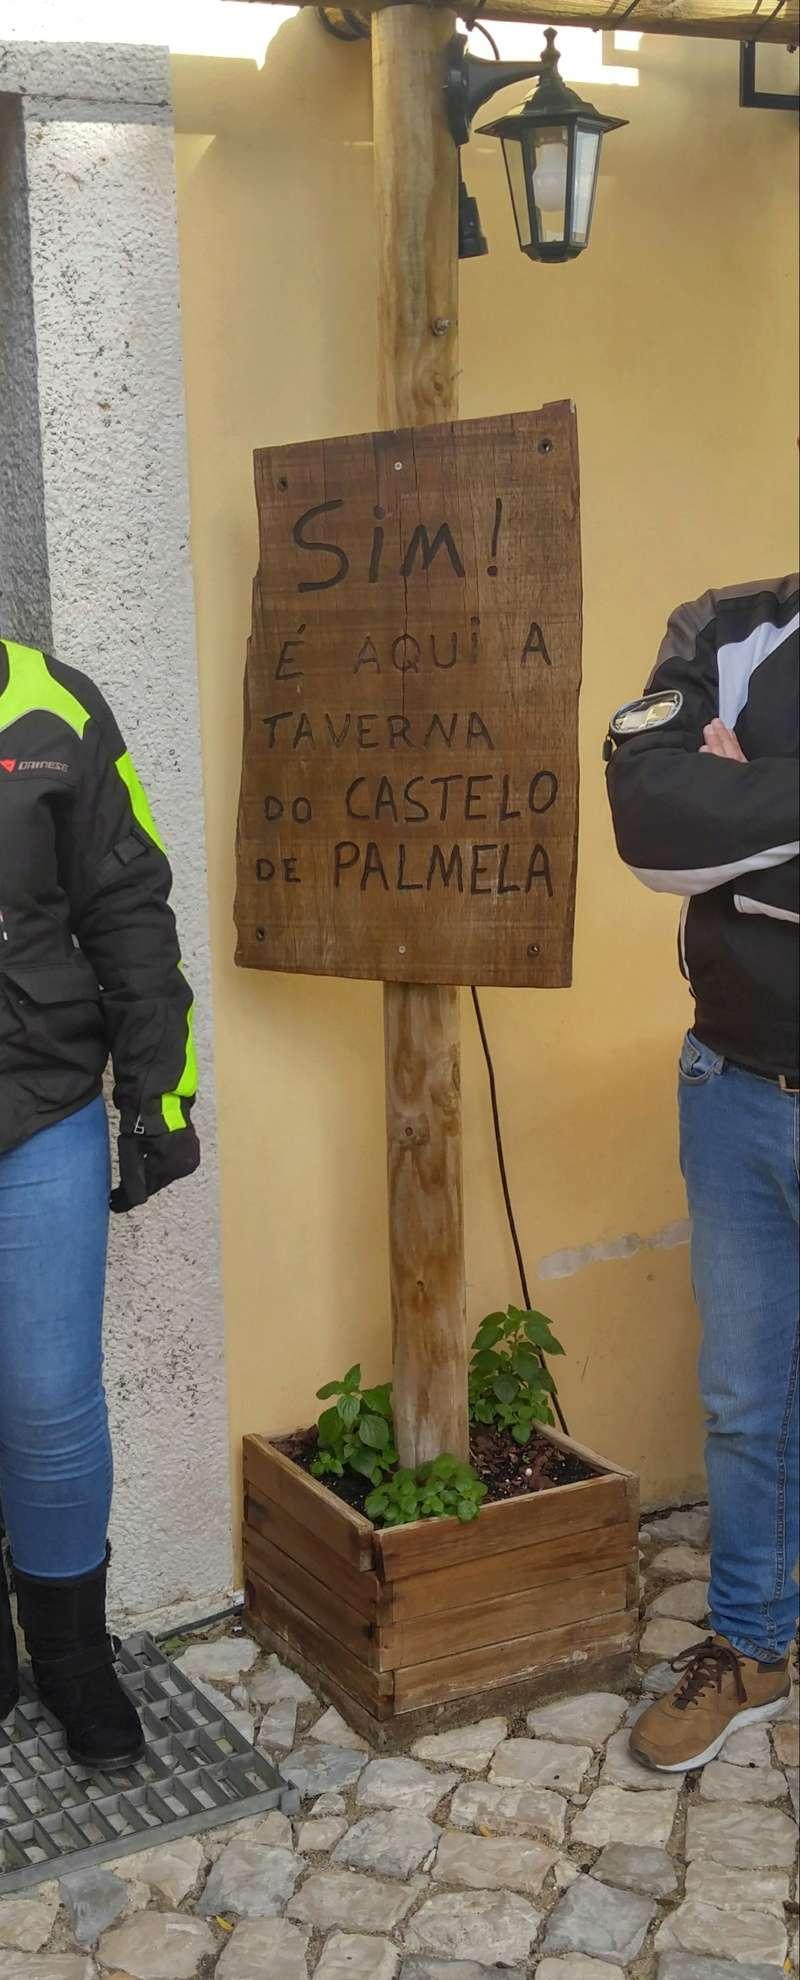 Castelo de Palmela 20180131